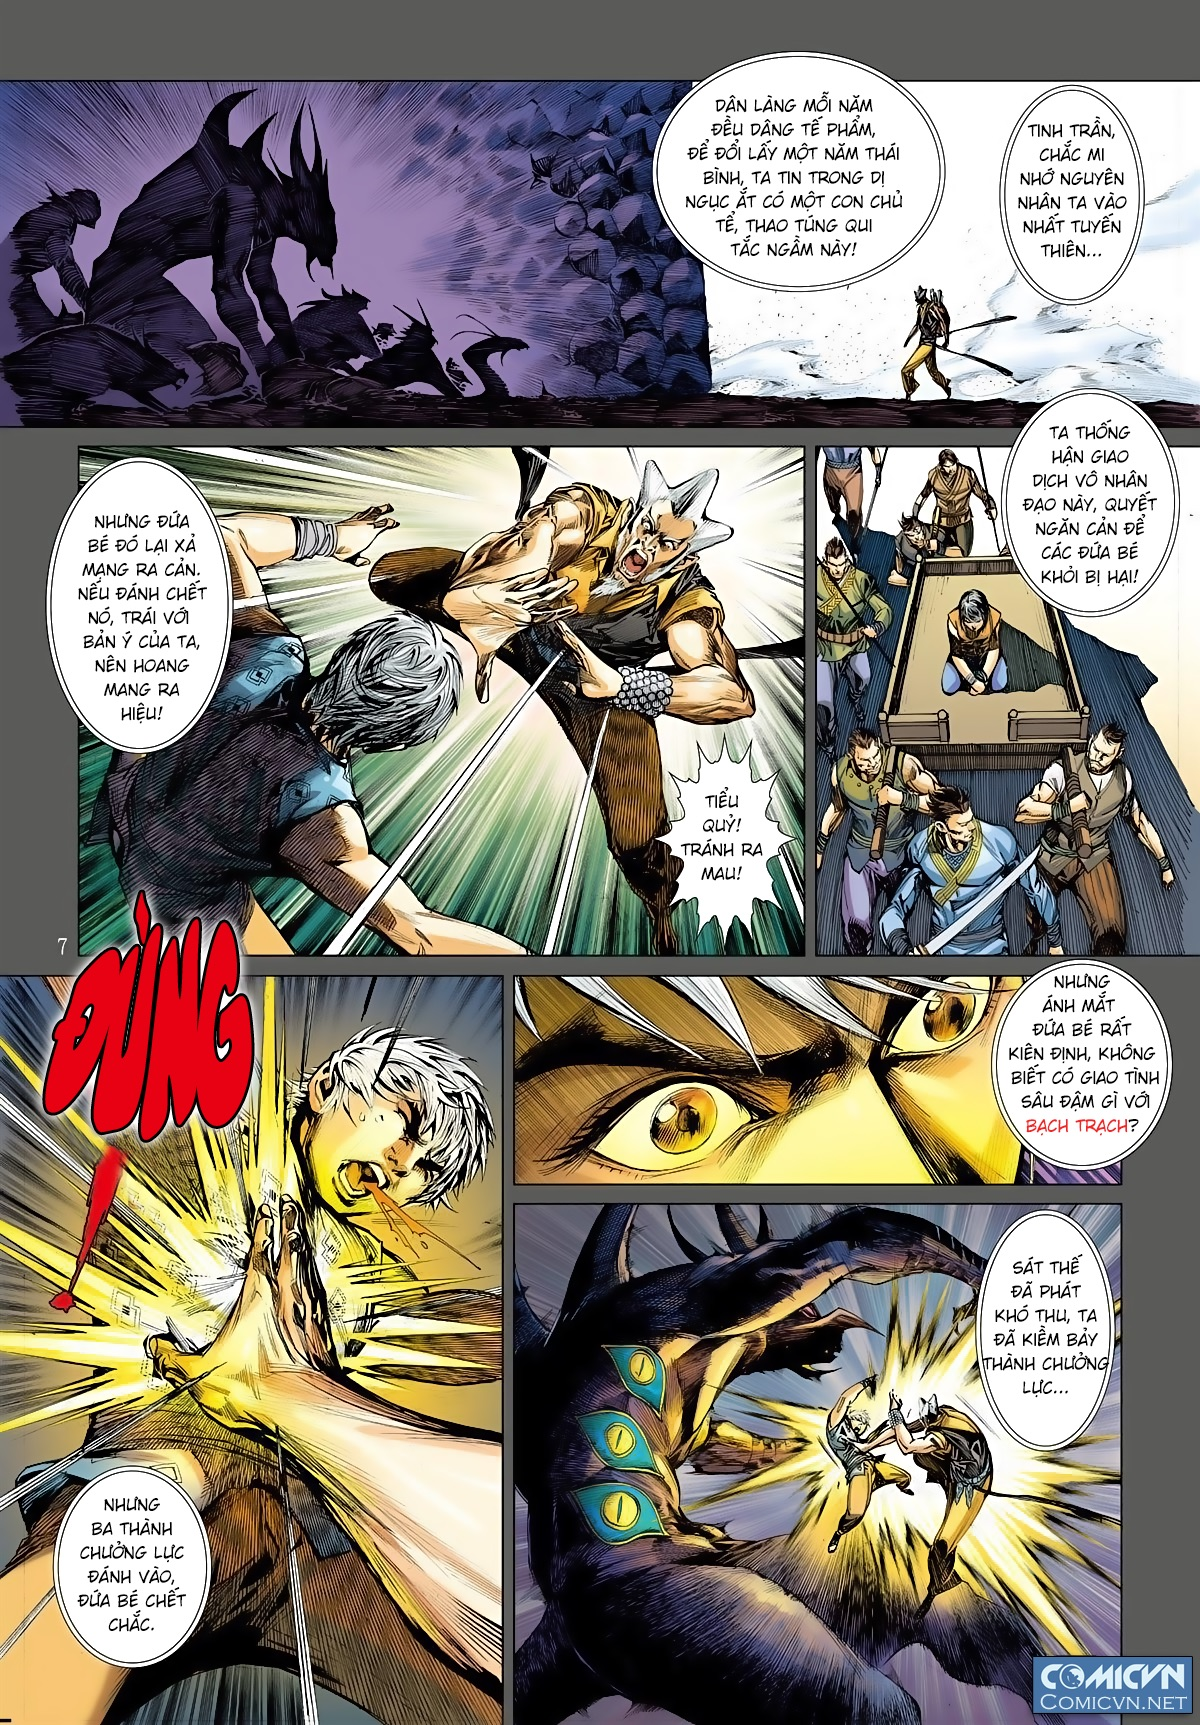 Tối Cường Khí Thiếu Chapter 16 - Trang 7